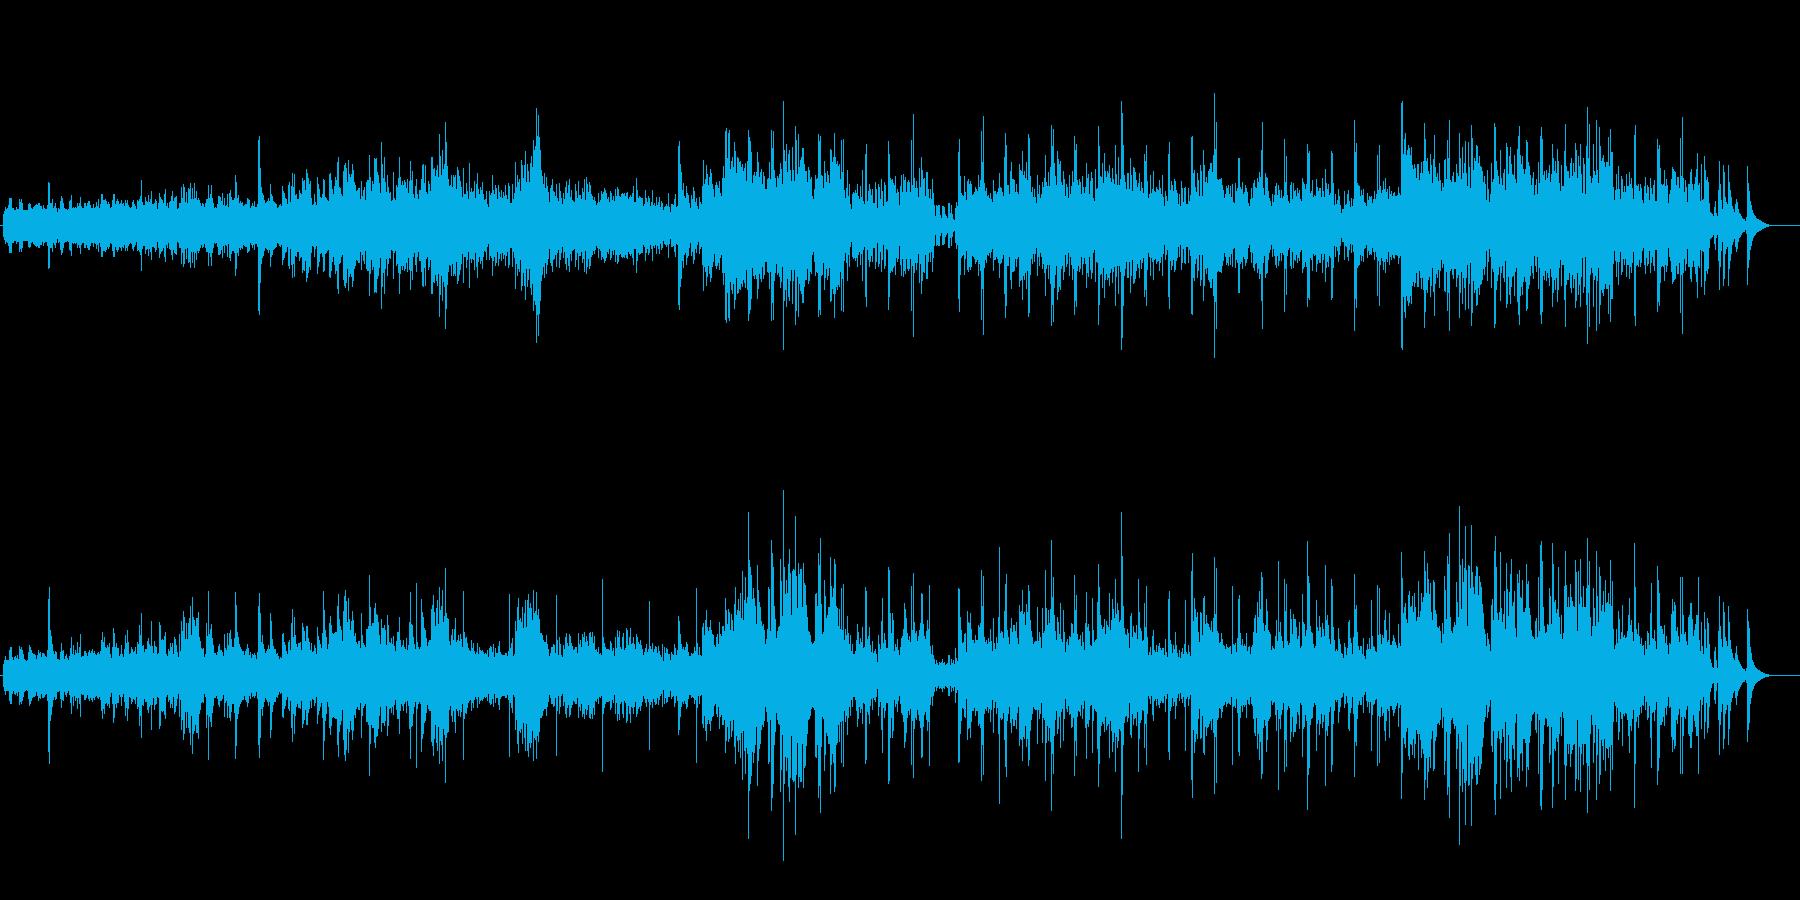 渓流(ダウンアップ・リヴァー)の再生済みの波形